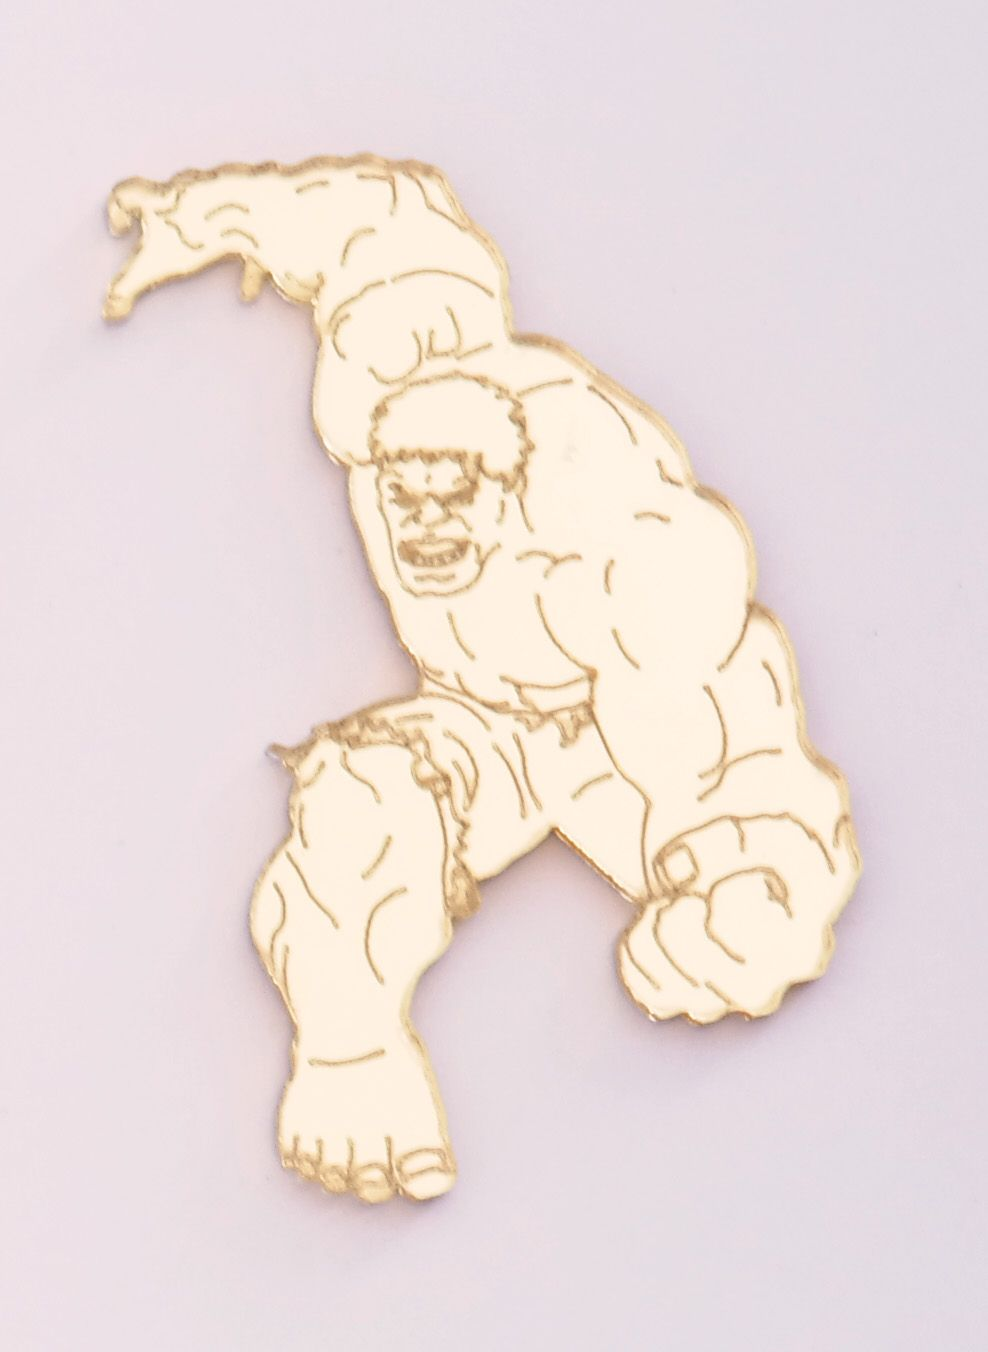 Aplique em acrílico espelhado - Hulk - 7cm - 10 peças